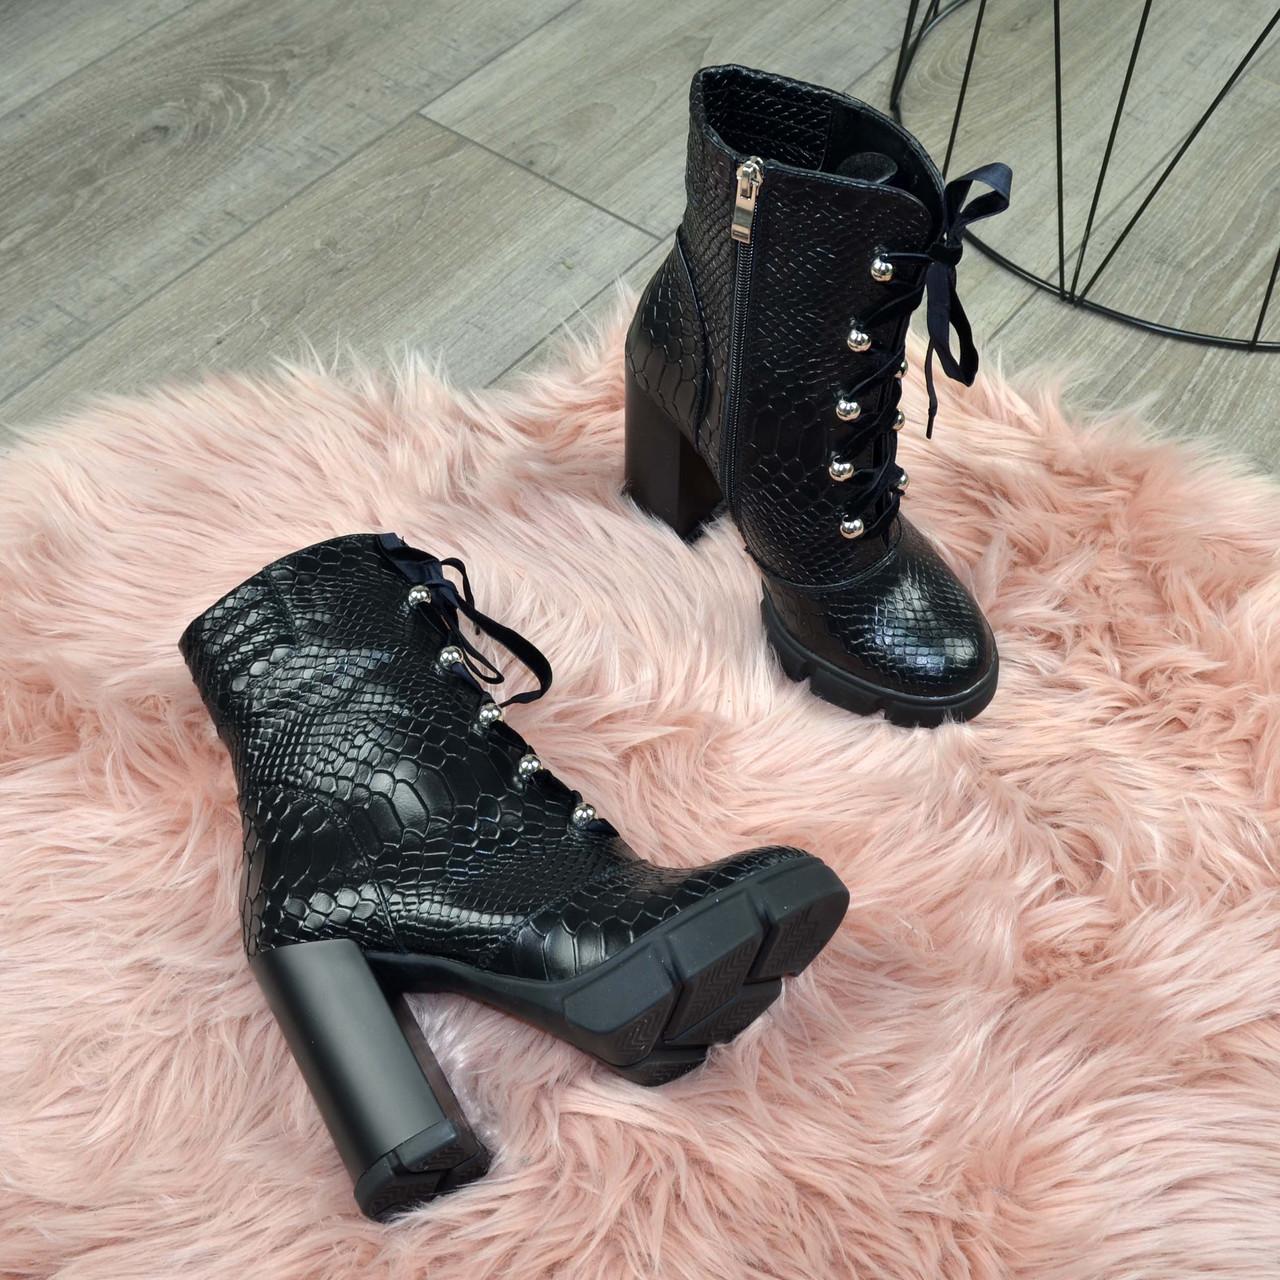 Ботинки женские черные на высоком устойчивом каблуке. Натуральная кожа с тиснением питон